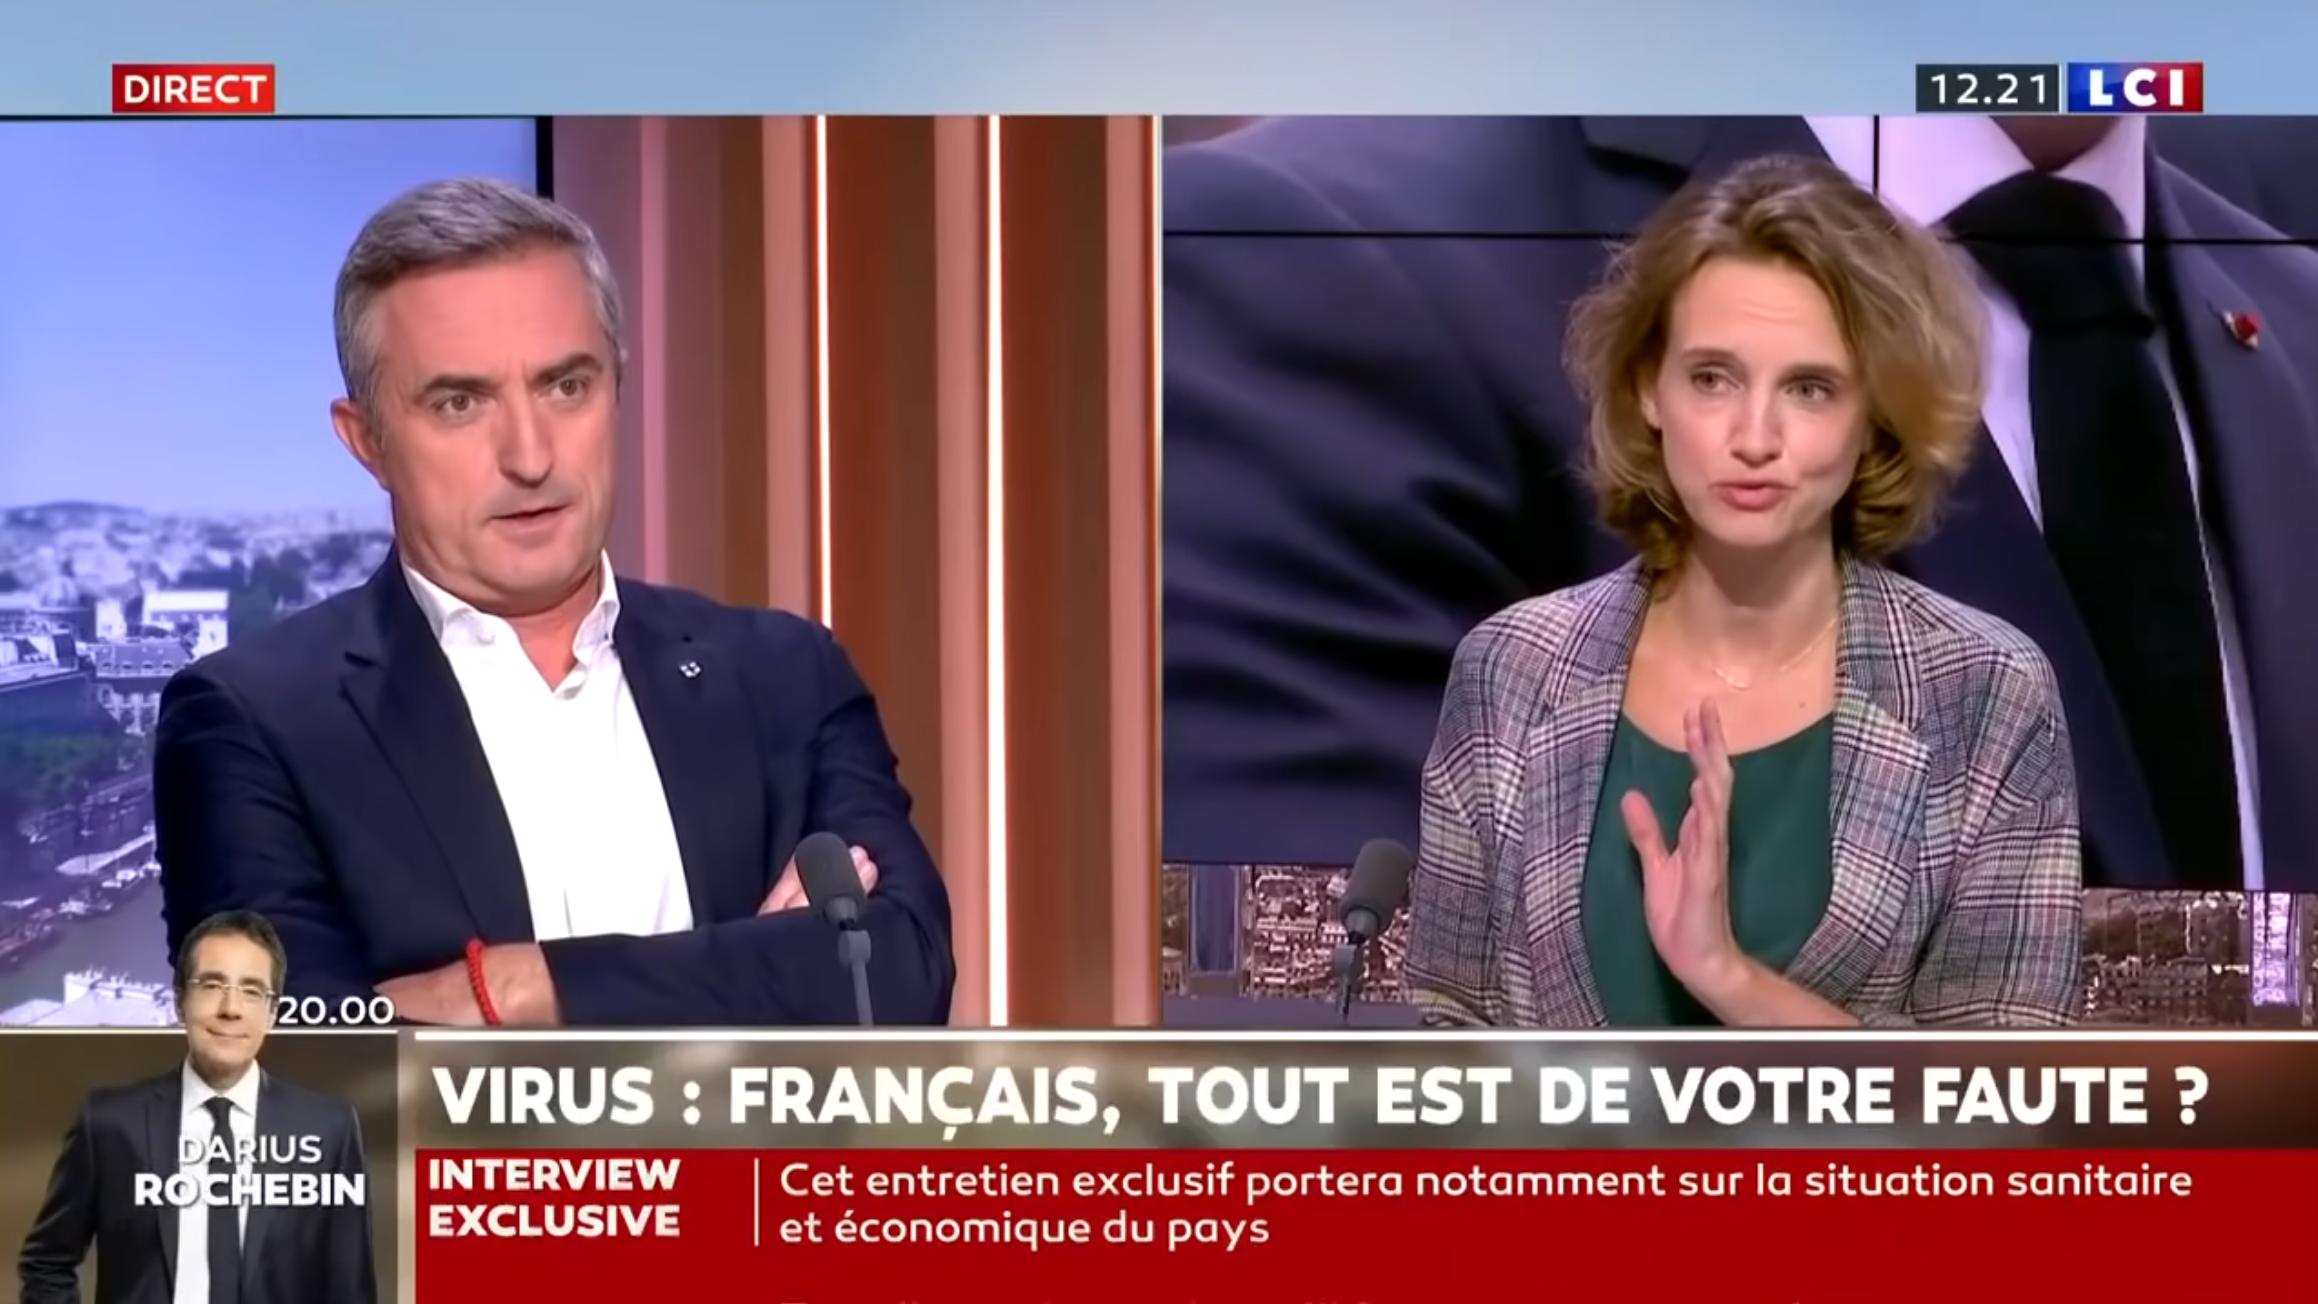 Gestion de la pandémie : Stéphane Ravier (RN) VS Céline Calvez (LREM) (DÉBAT)